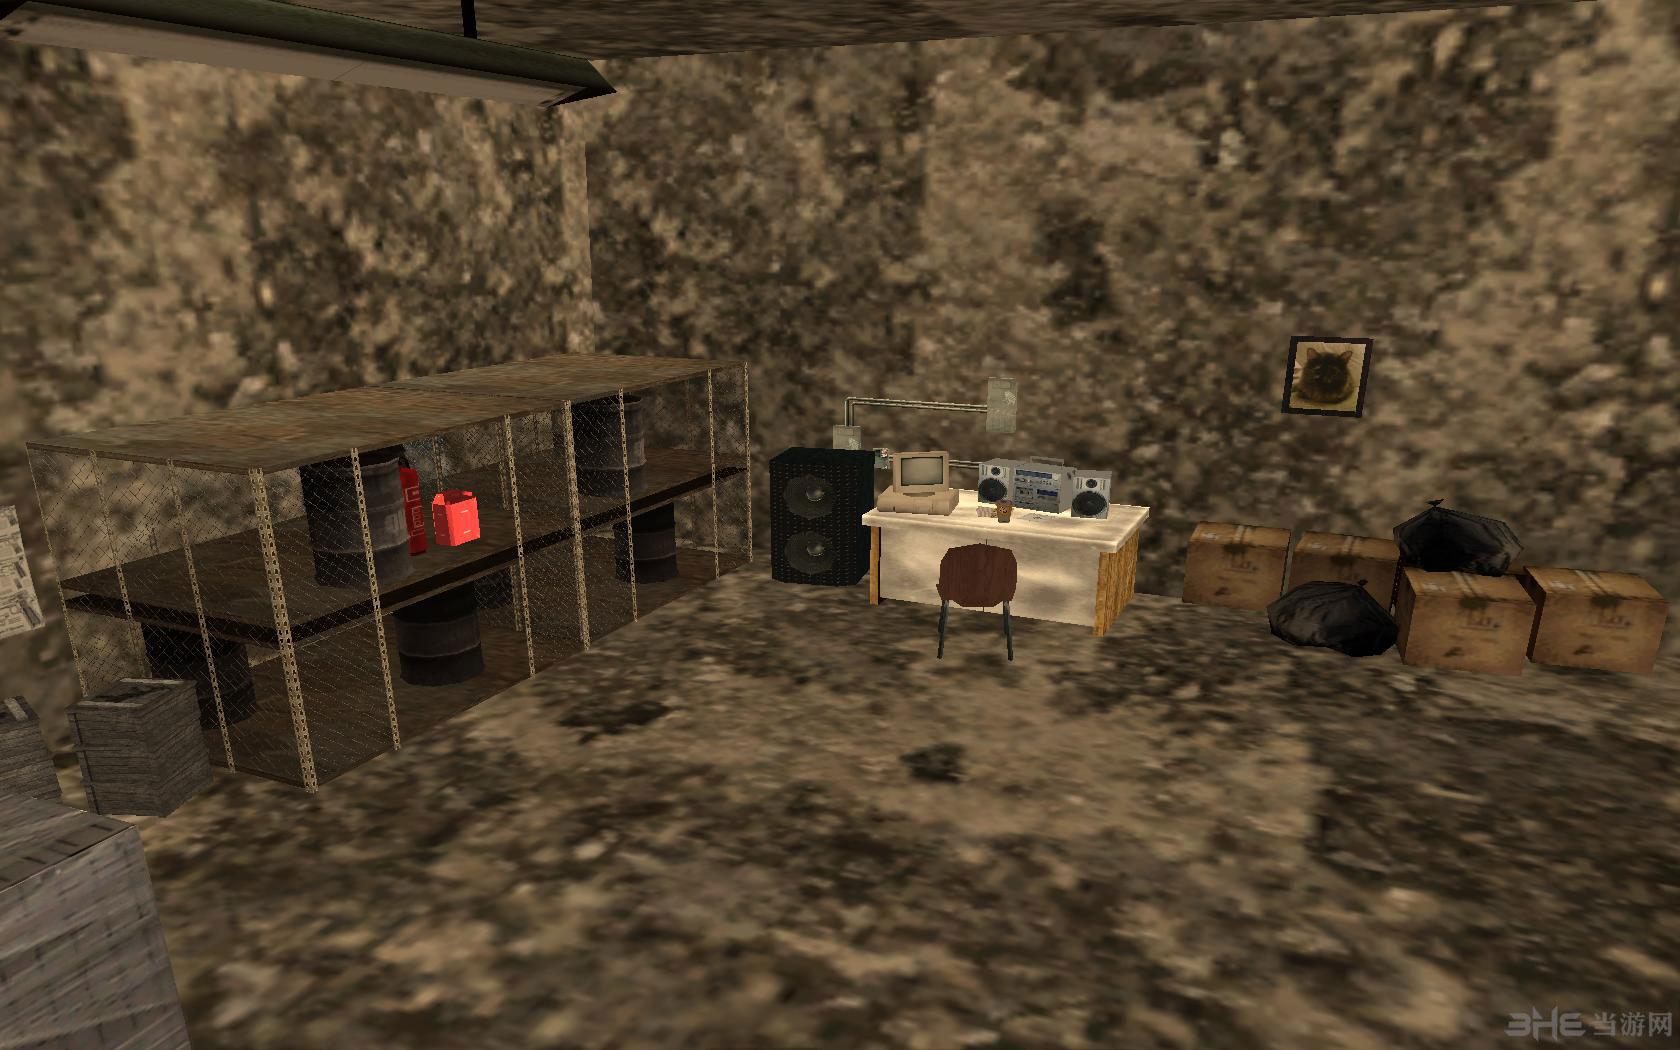 侠盗猎车手圣安地列斯地下室地图MOD截图7